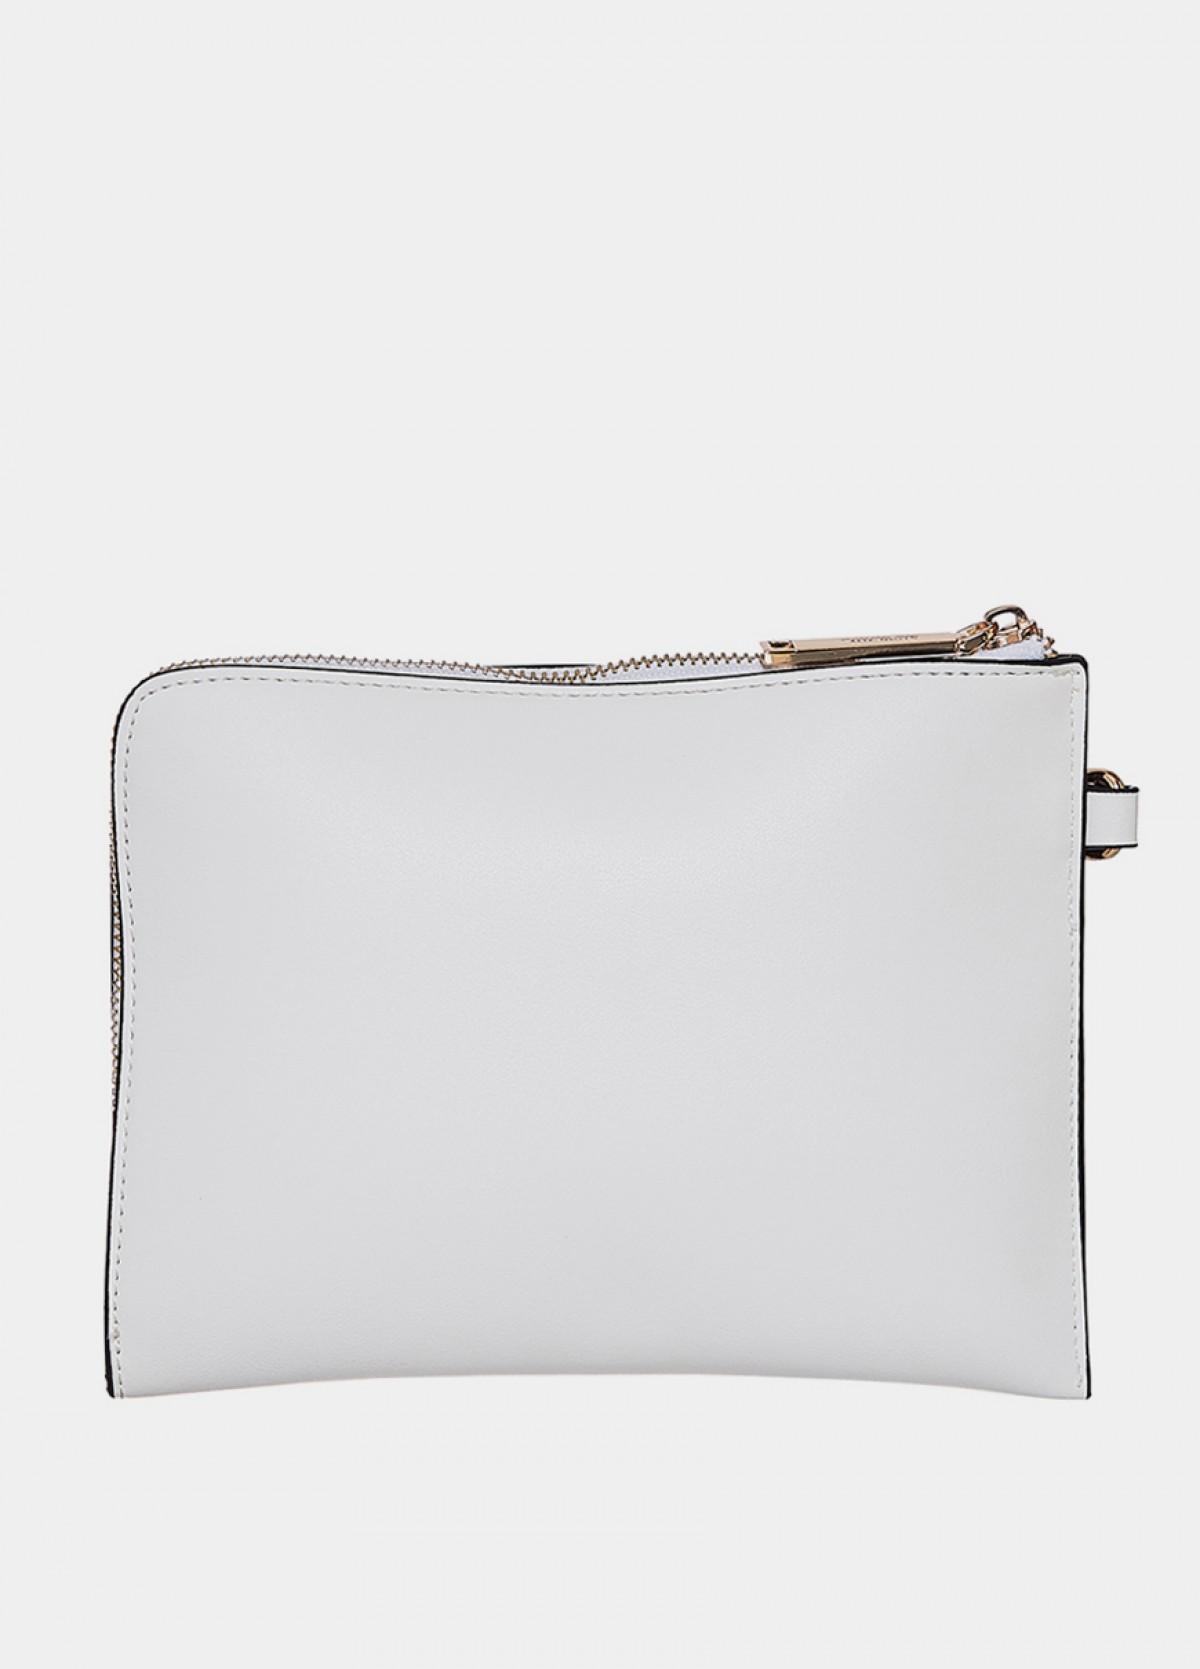 The White Sling Handbag